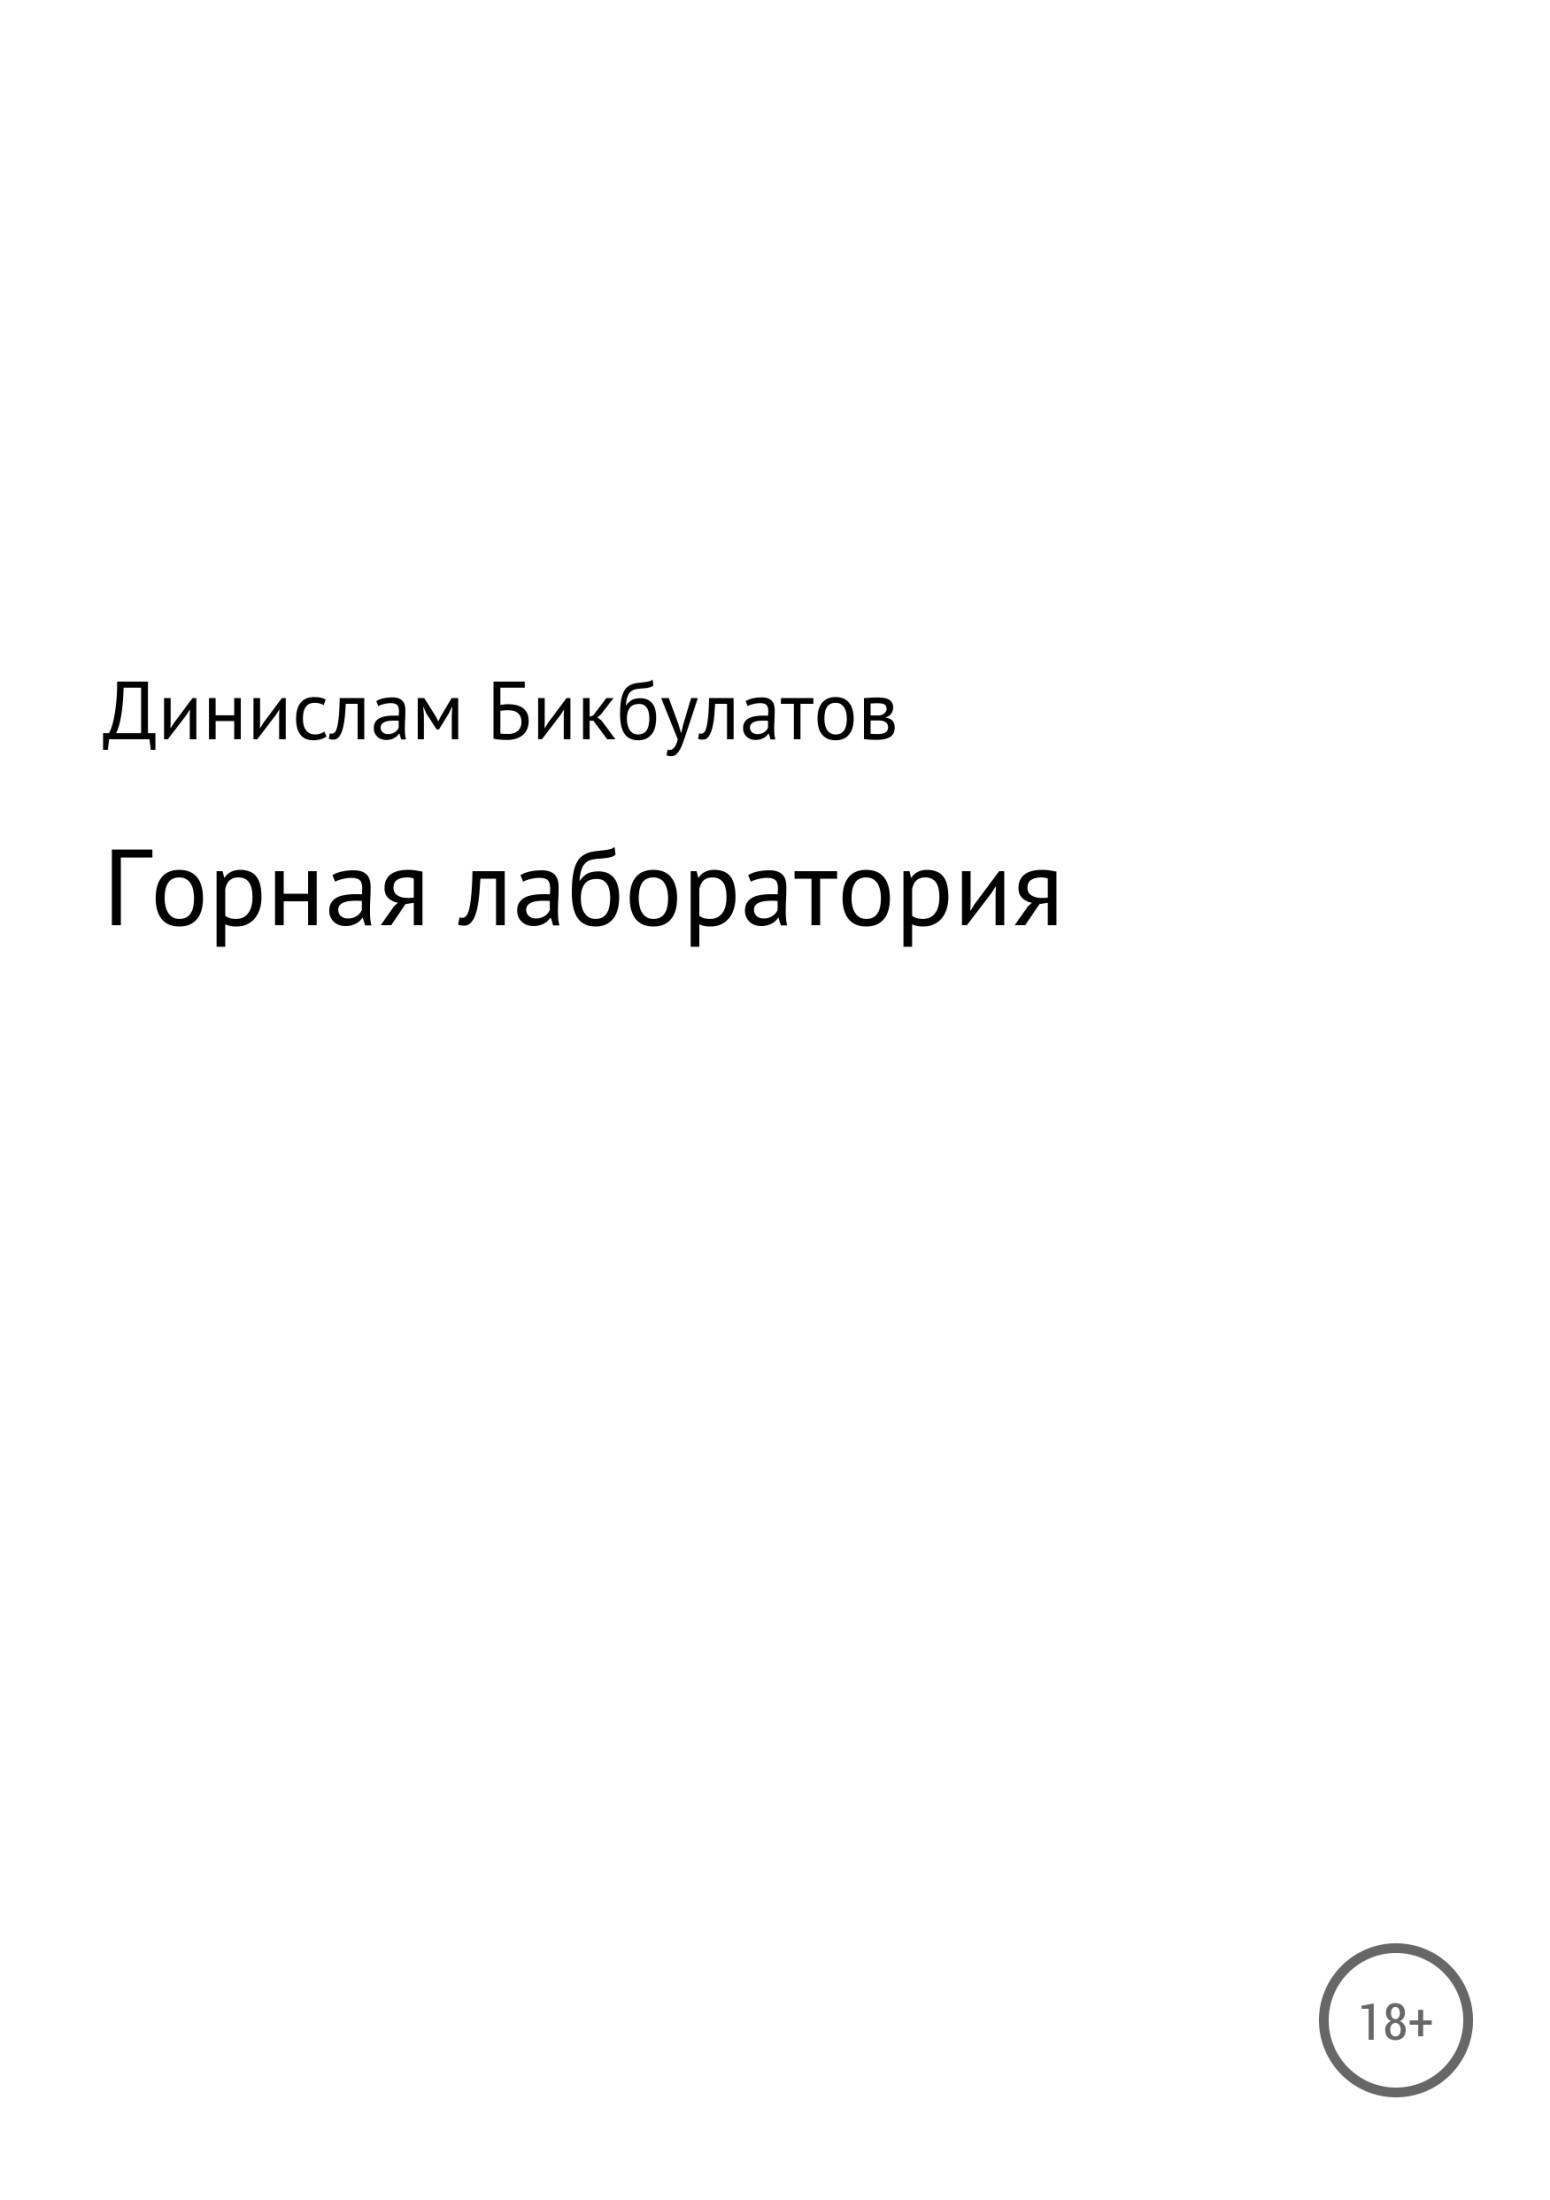 Динислам Бикбулатов - Горная лаборатория